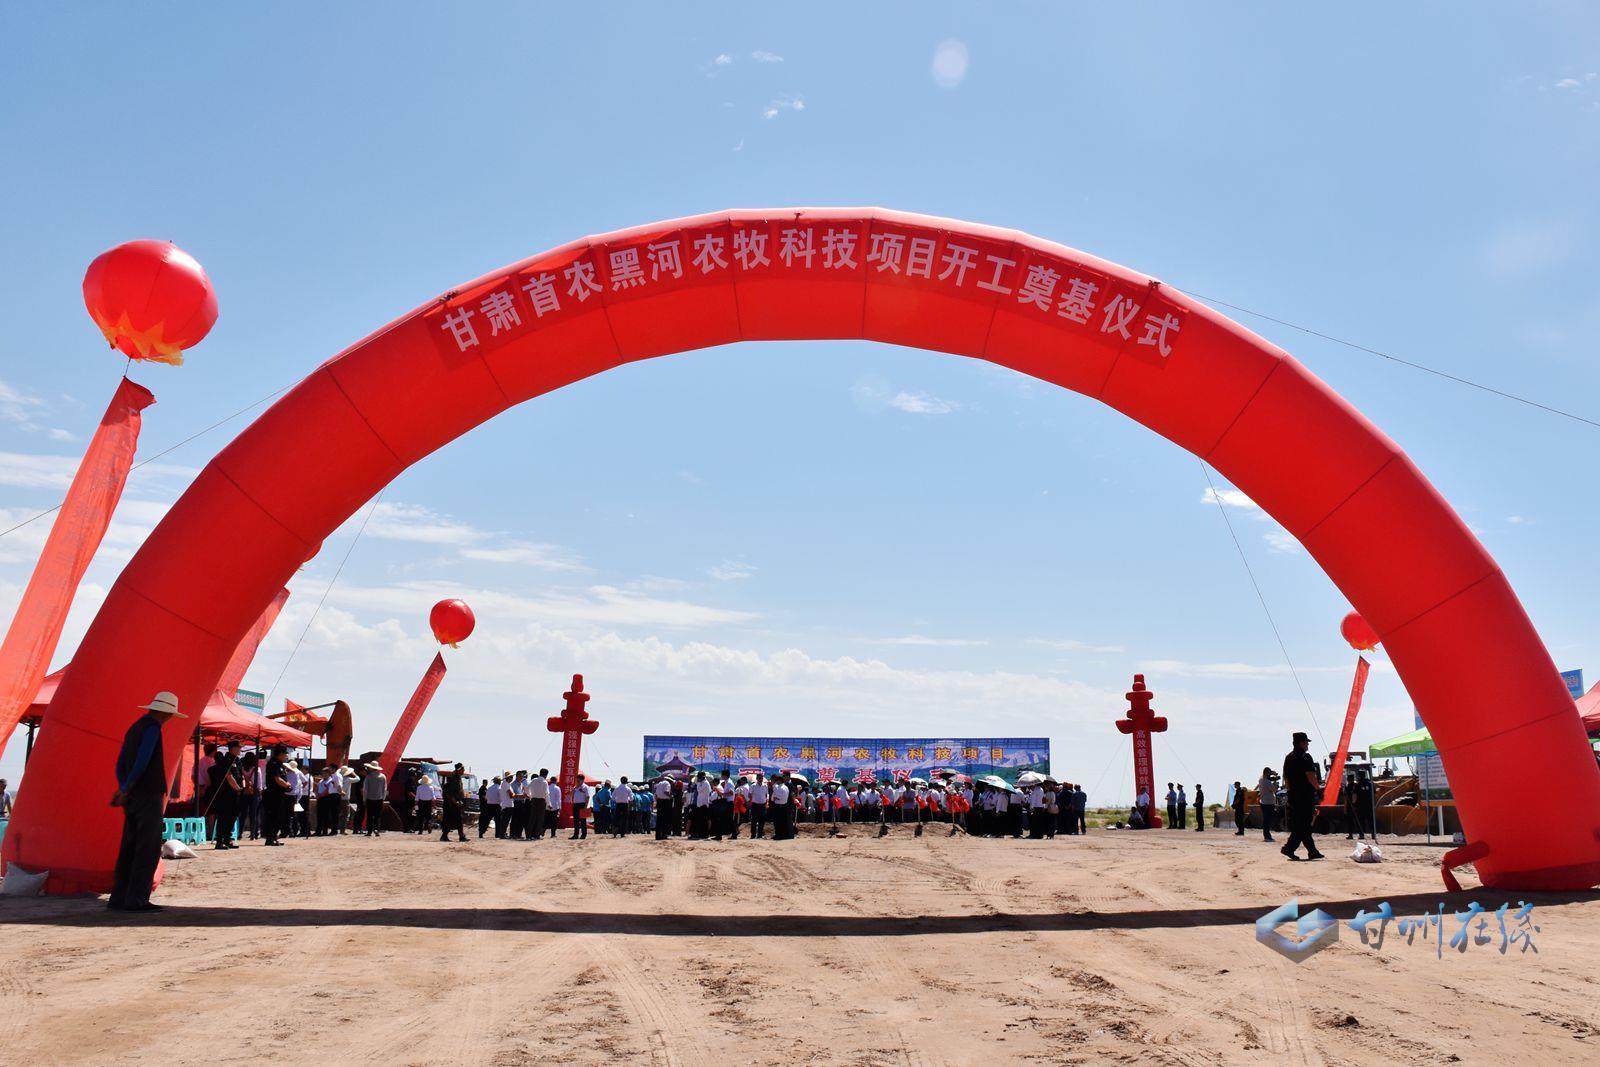 甘肃首农黑河农牧科技项目开工奠基仪式举行 余锋宣布开工